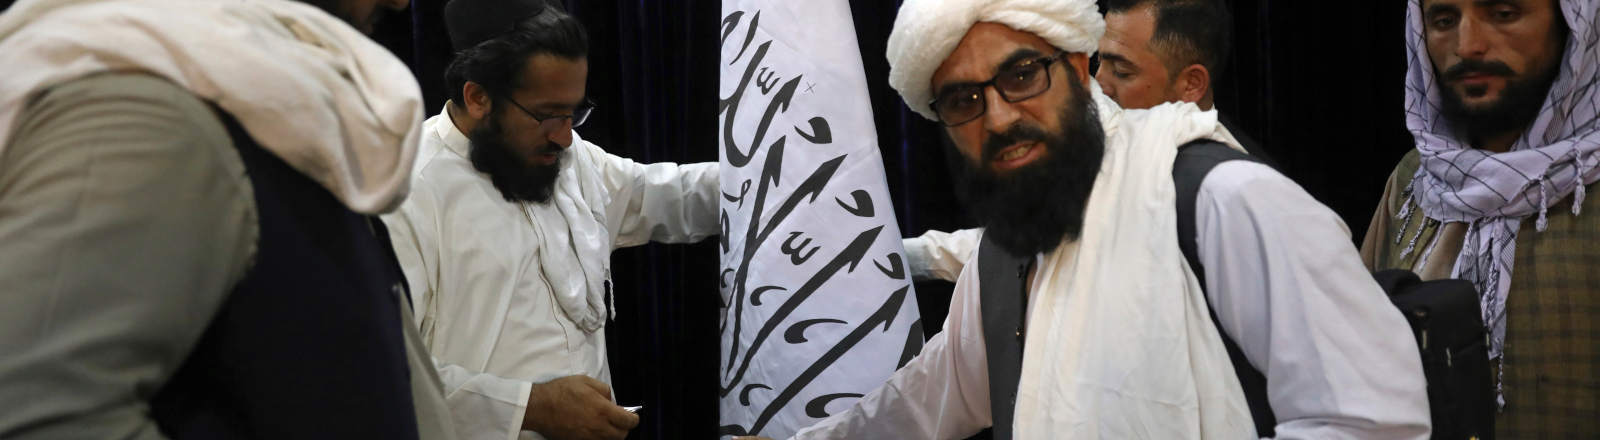 Hohe Taliban-Vertreter mit einer Flagge